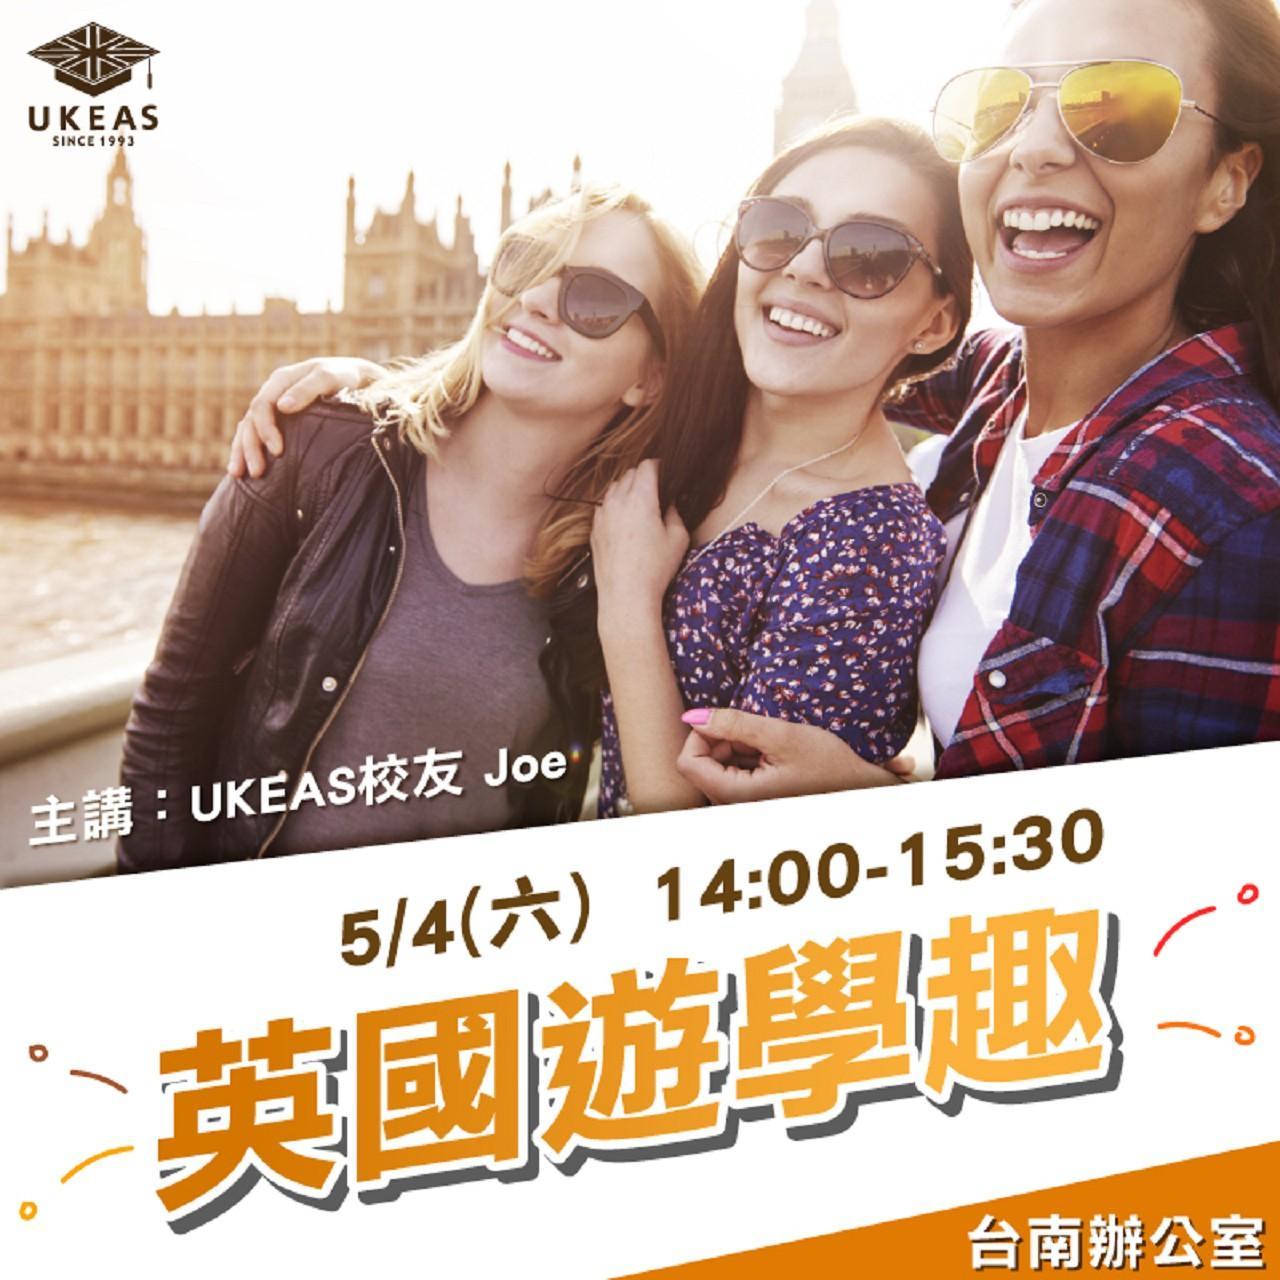 台南限定講座!英國遊學趣